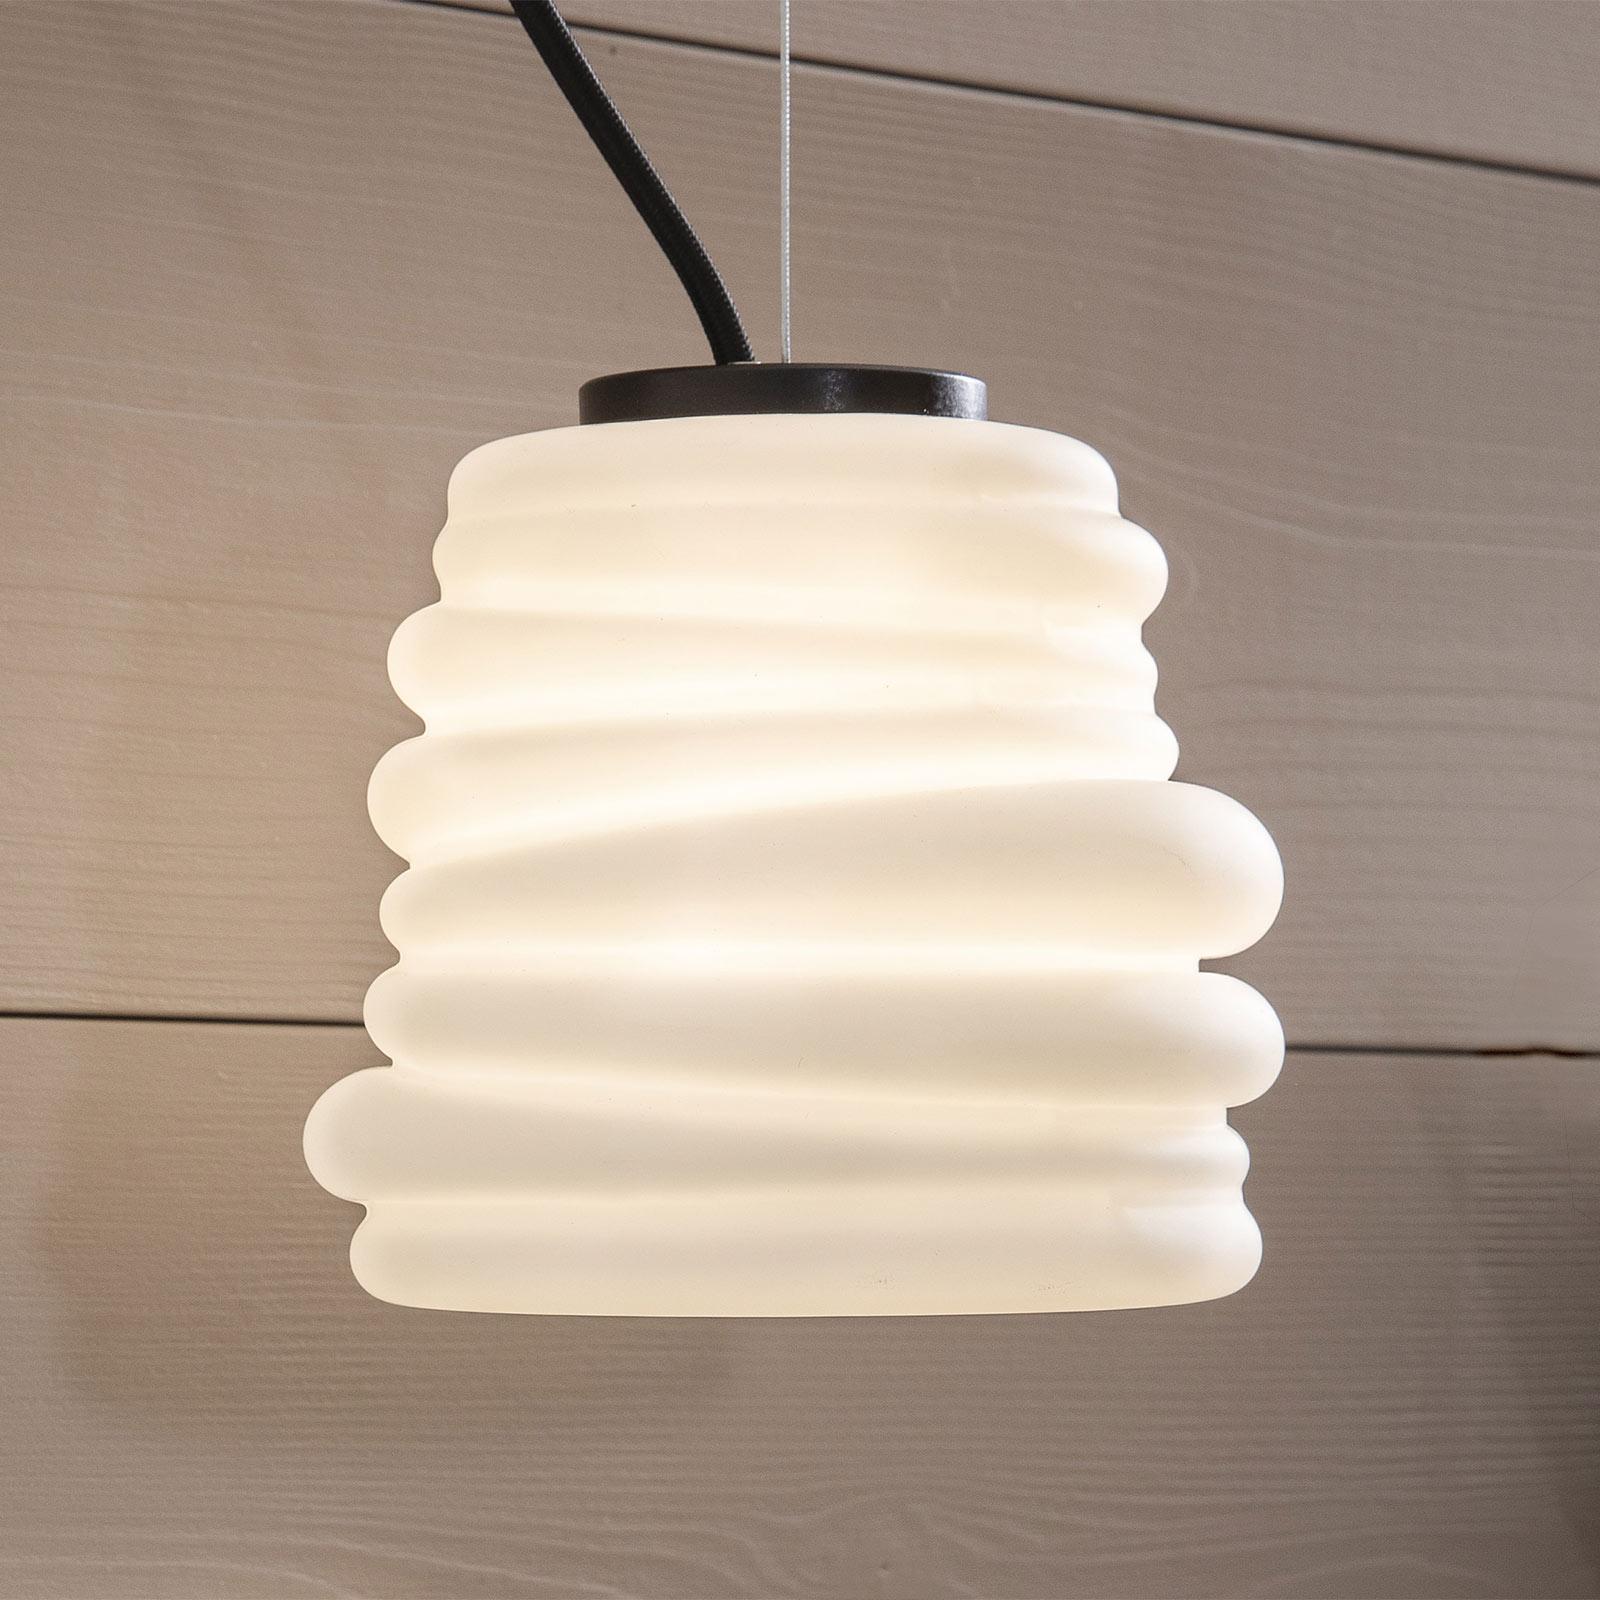 Karman Bibendum LED-hængelampe, Ø 15 cm, hvid